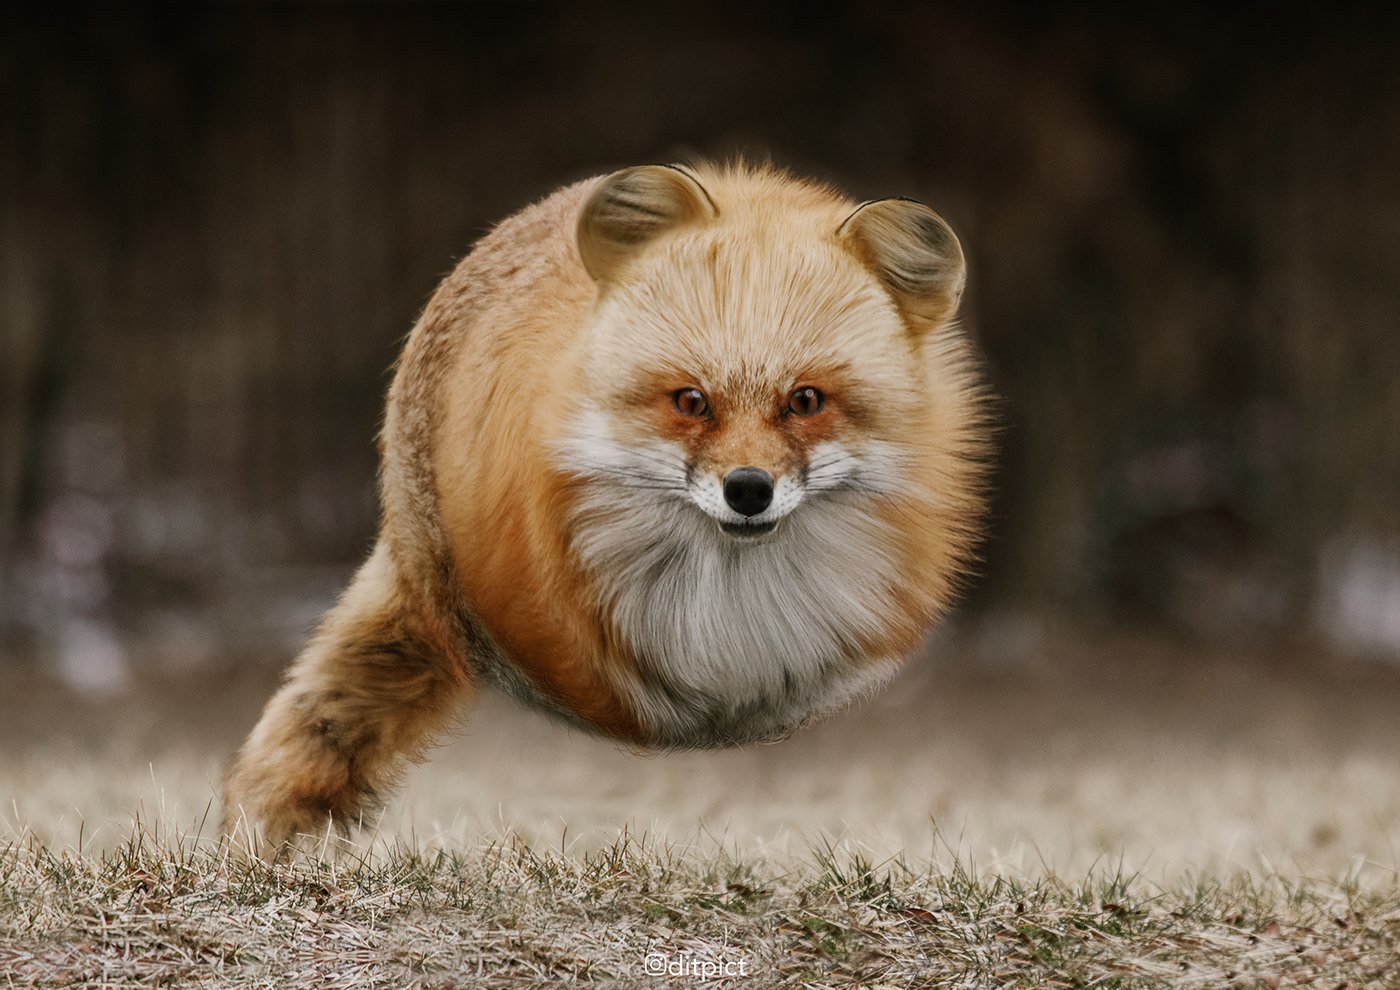 aditya aryanto aniball animaux boule 2.jpg?resize=300,169 - [Photos] Il transforme des animaux en véritable ballons!